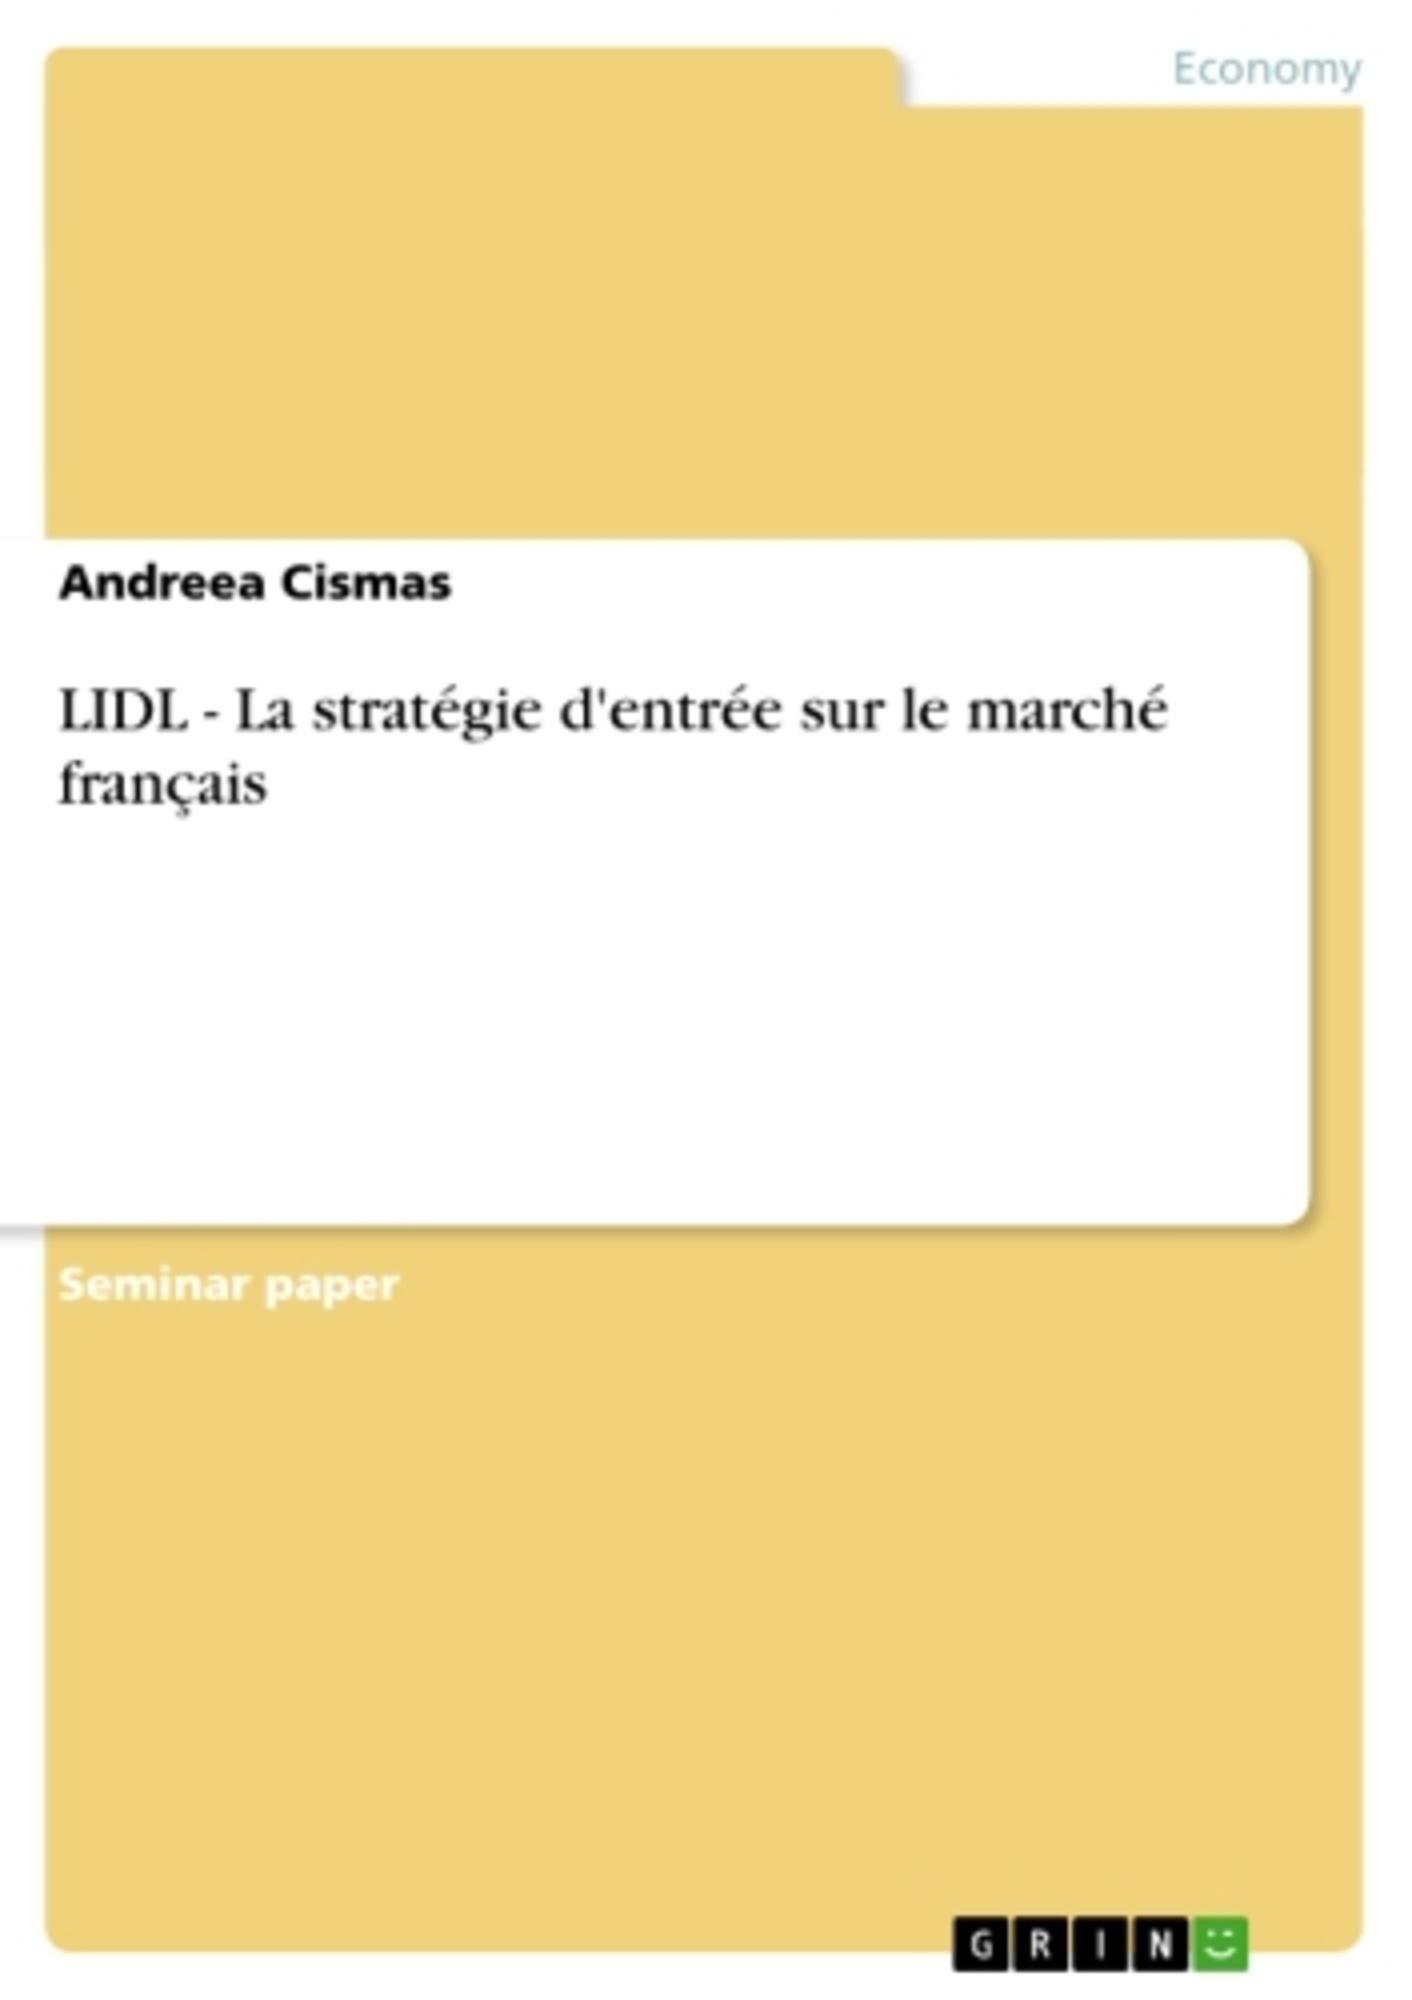 Titre: LIDL - La stratégie d'entrée sur le marché français